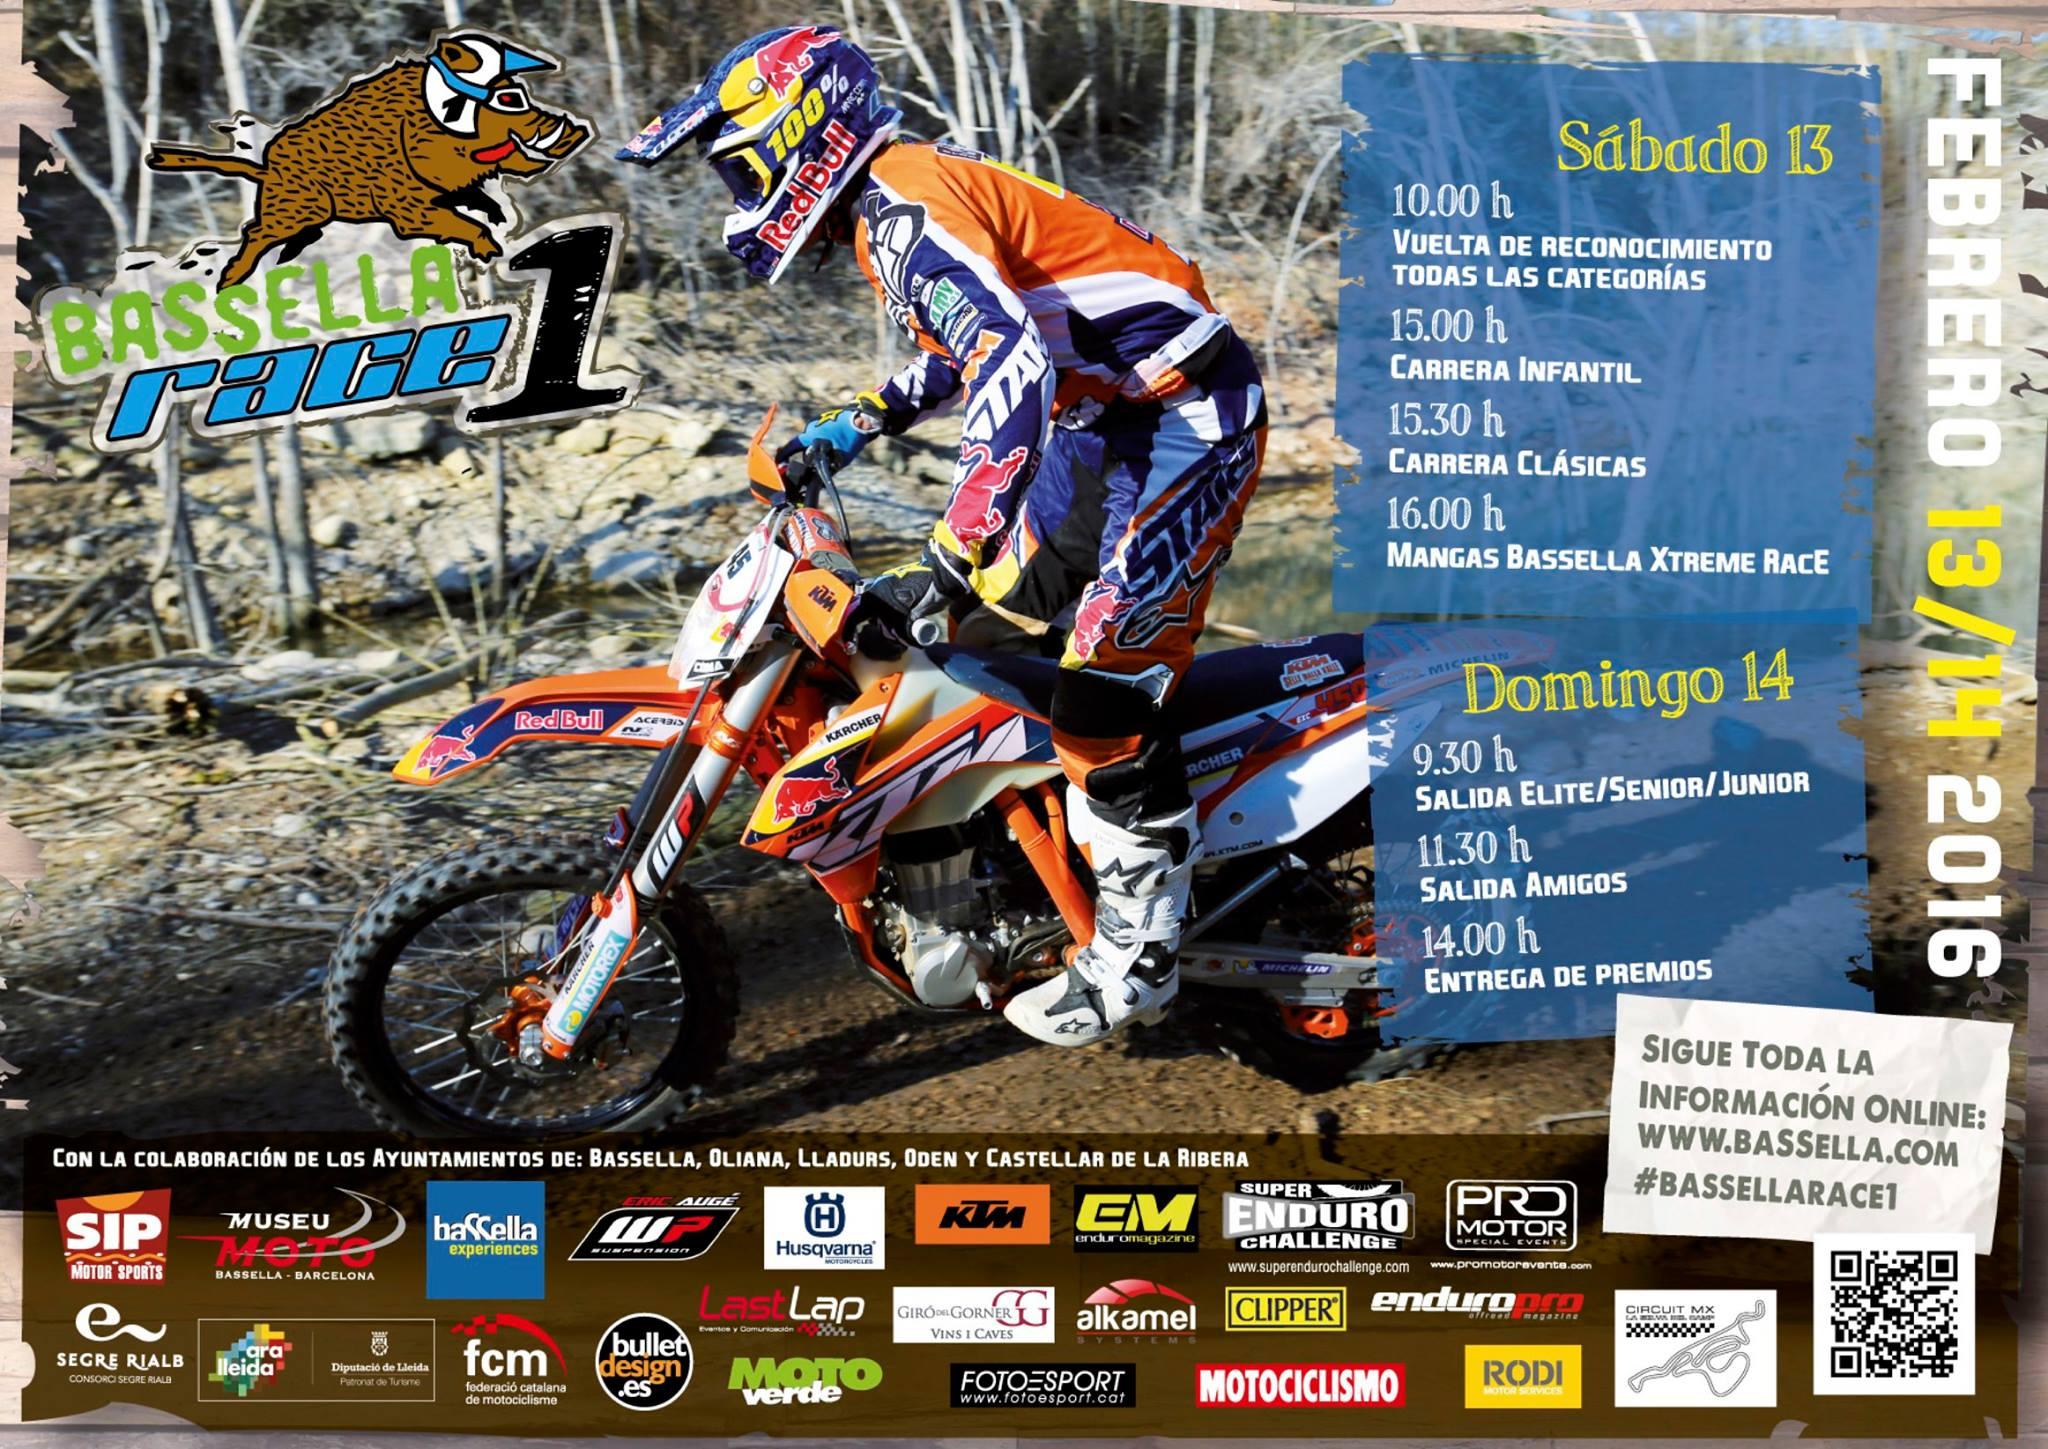 Bassella Race 1 2016